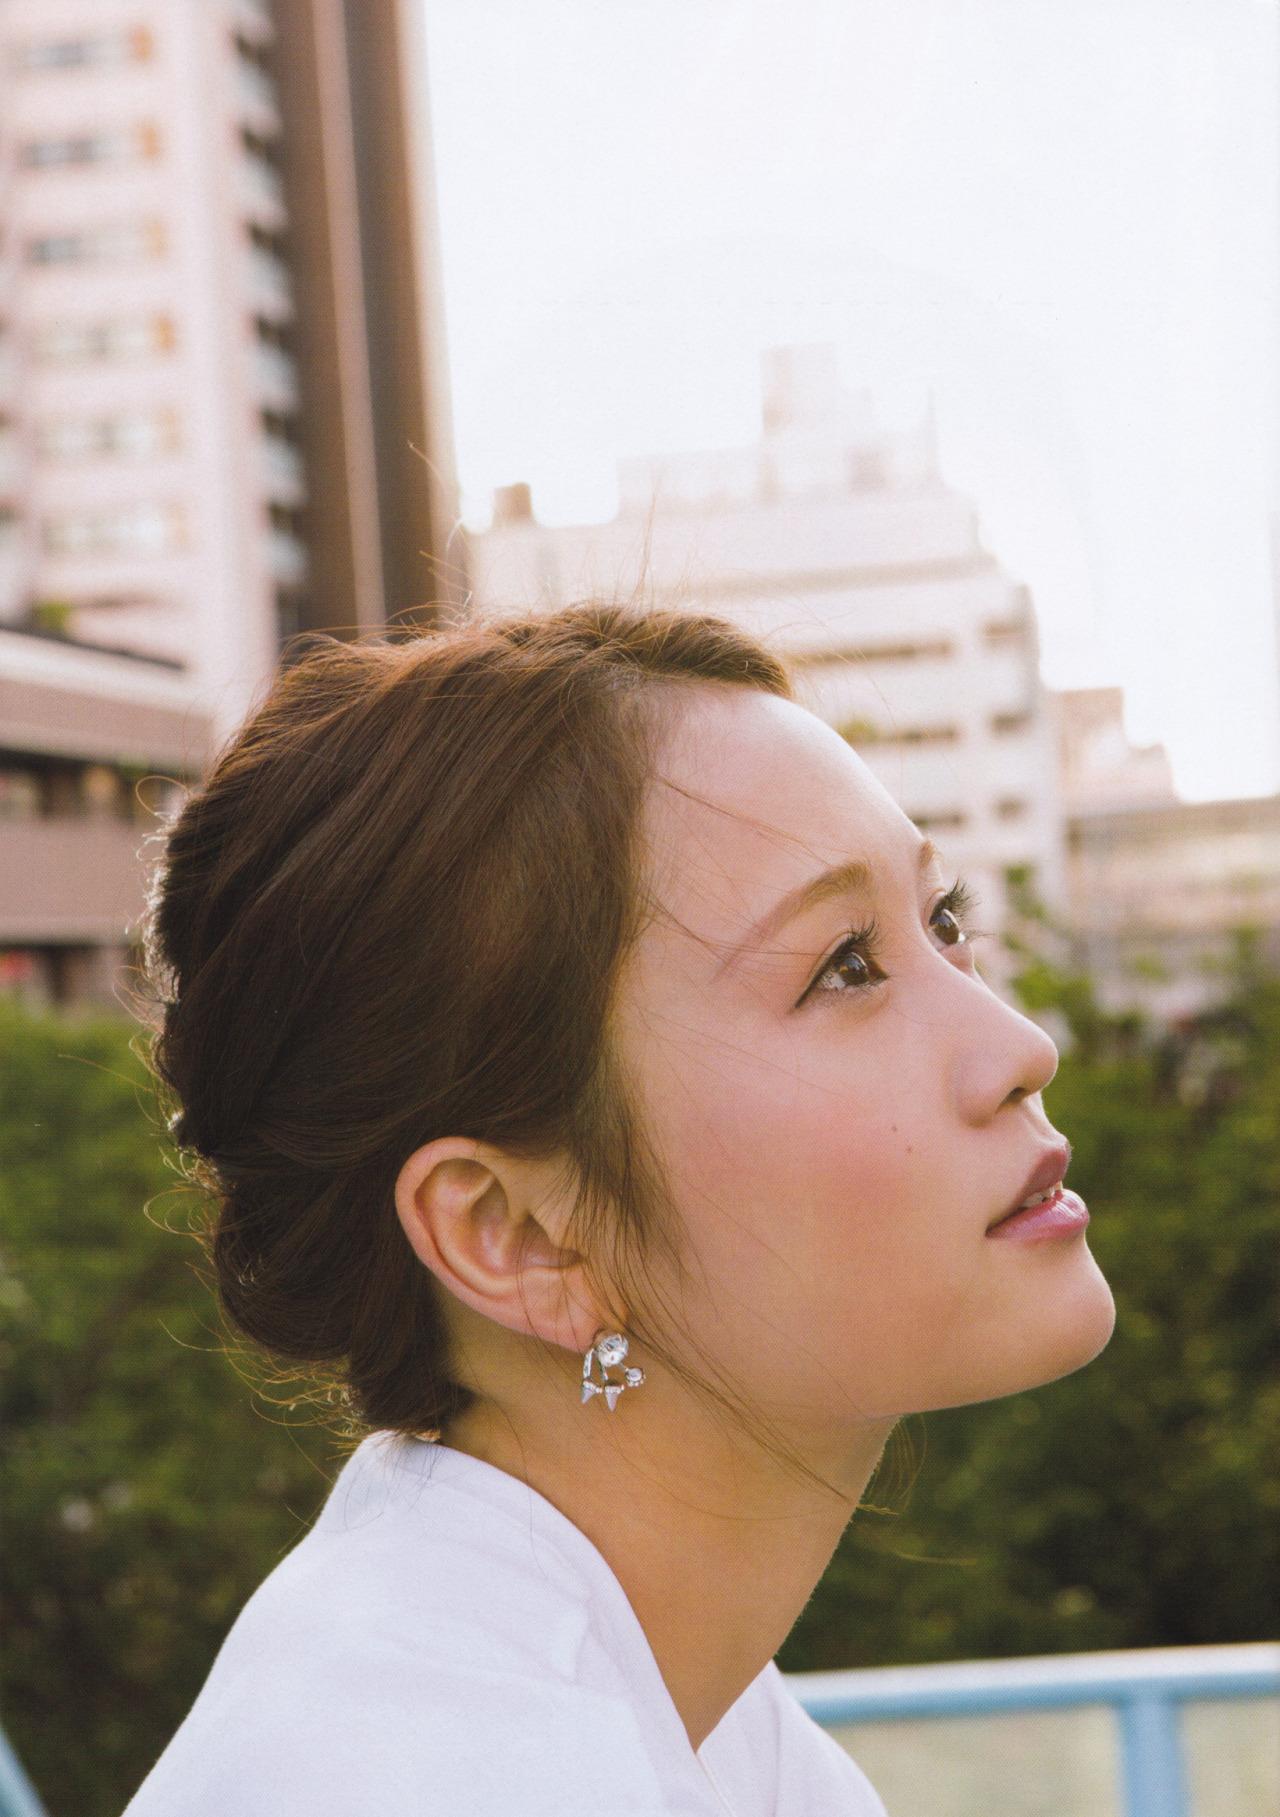 前田敦子_04